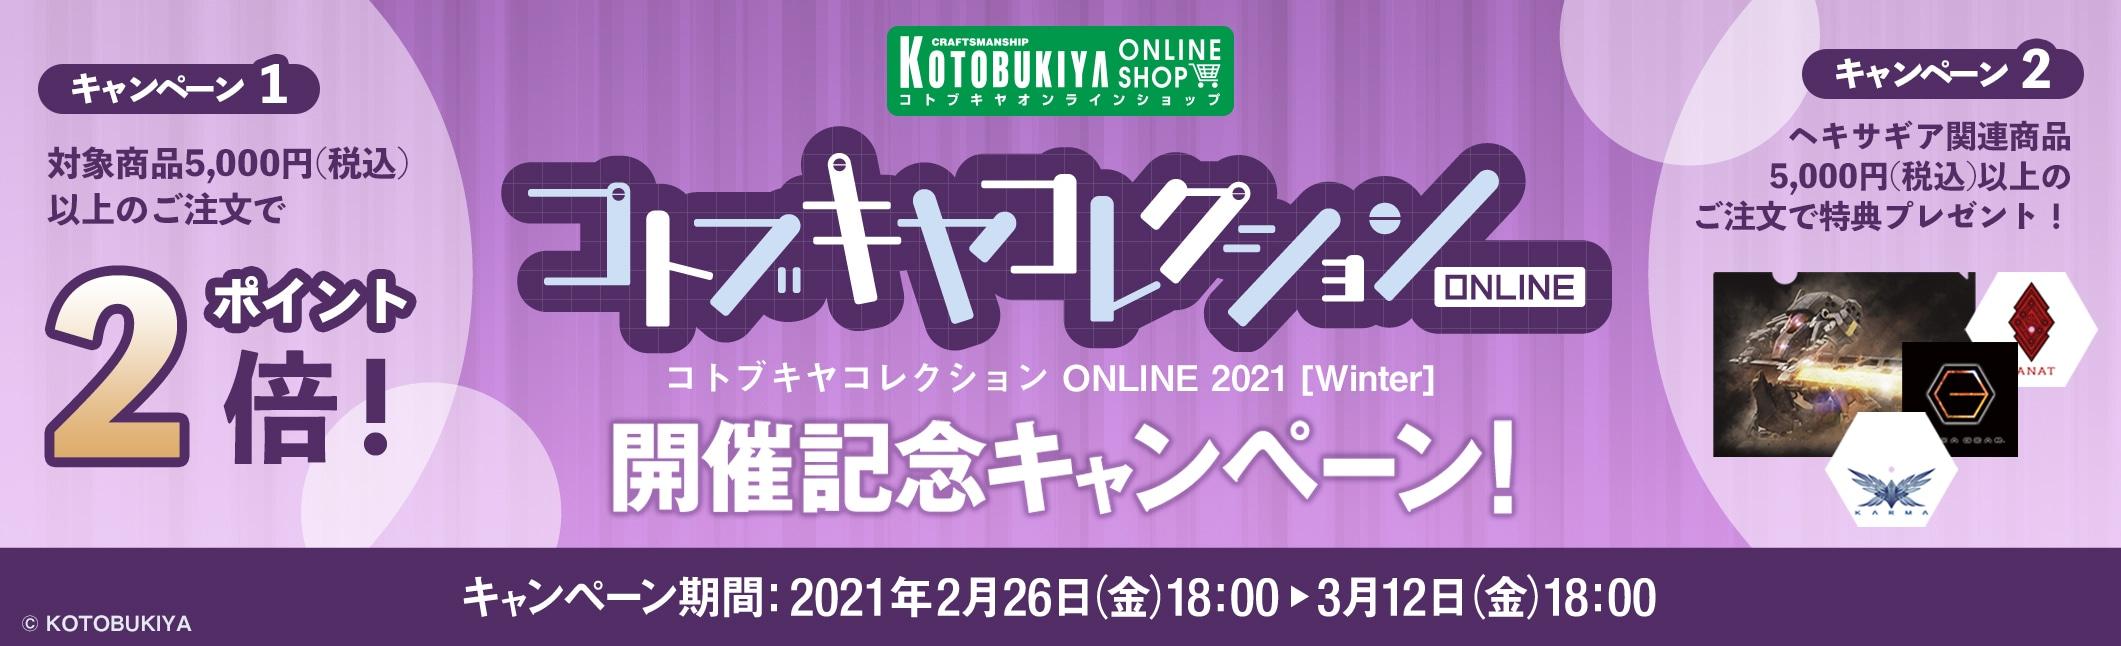 コトブキヤコレクションONLINE 2021[Winter]開催記念キャンペーン